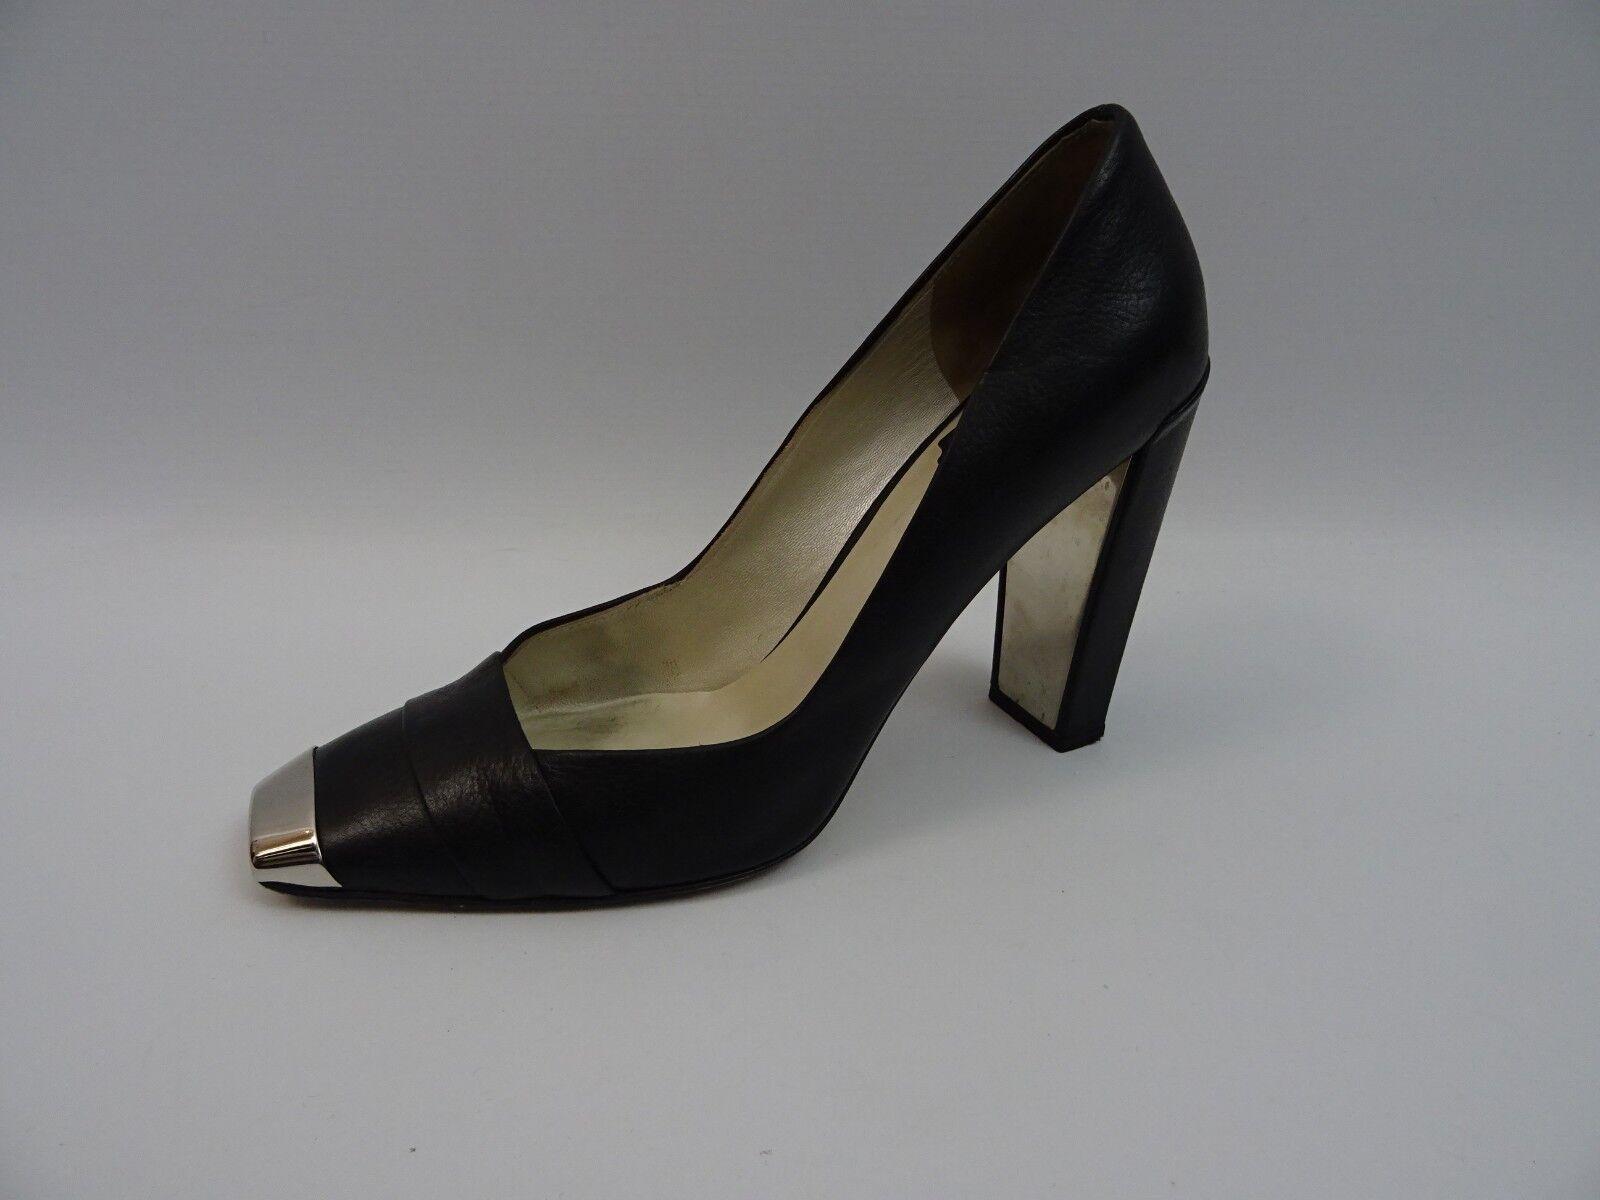 Dior Damen Schuhe Pumps Blockabsatz Blockabsatz Blockabsatz Schwarz Leder Eckige Metallspitze 40 Schuhes 497fbf